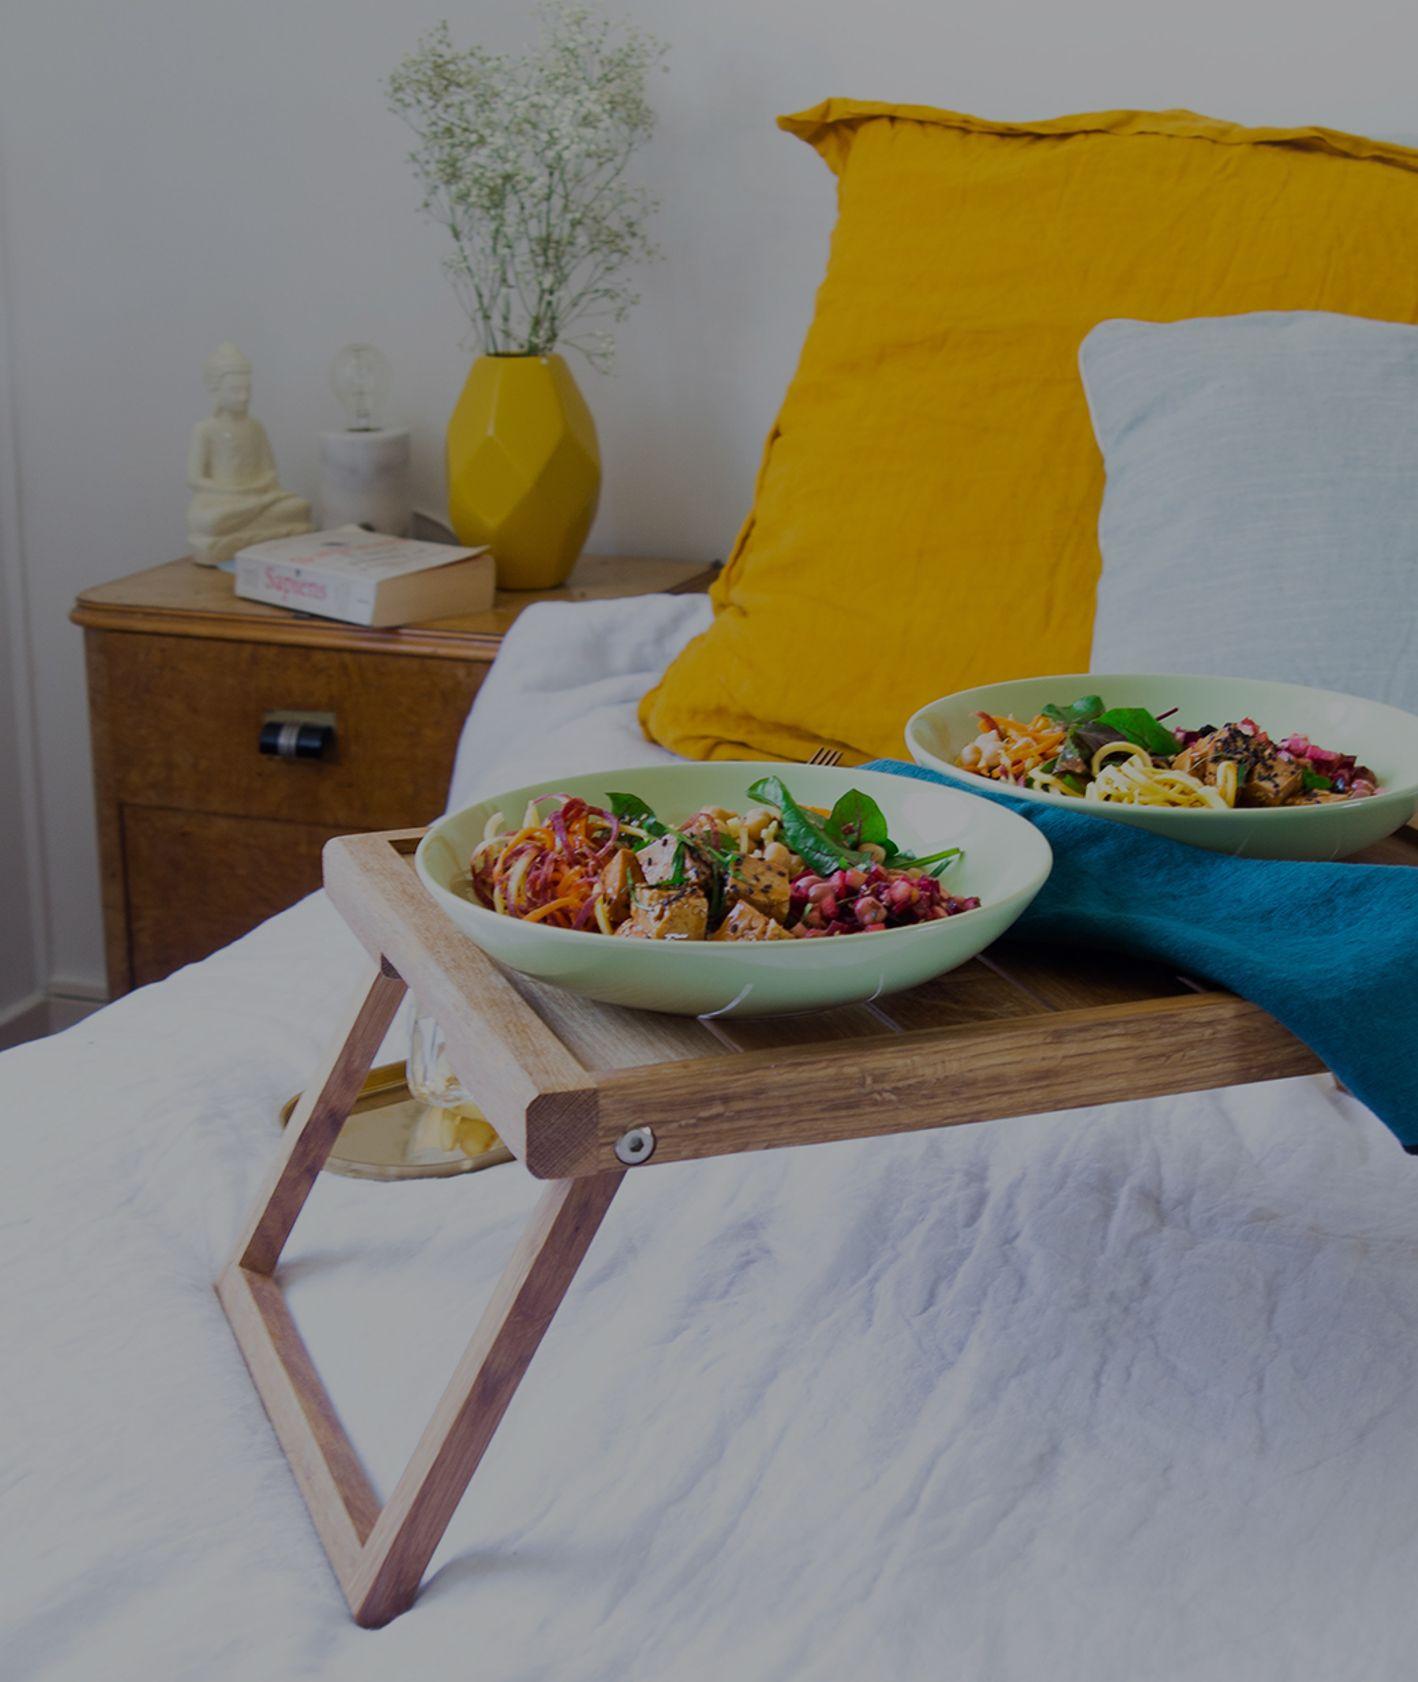 śniadanie w łóżku (fot. Tosca Olivi)